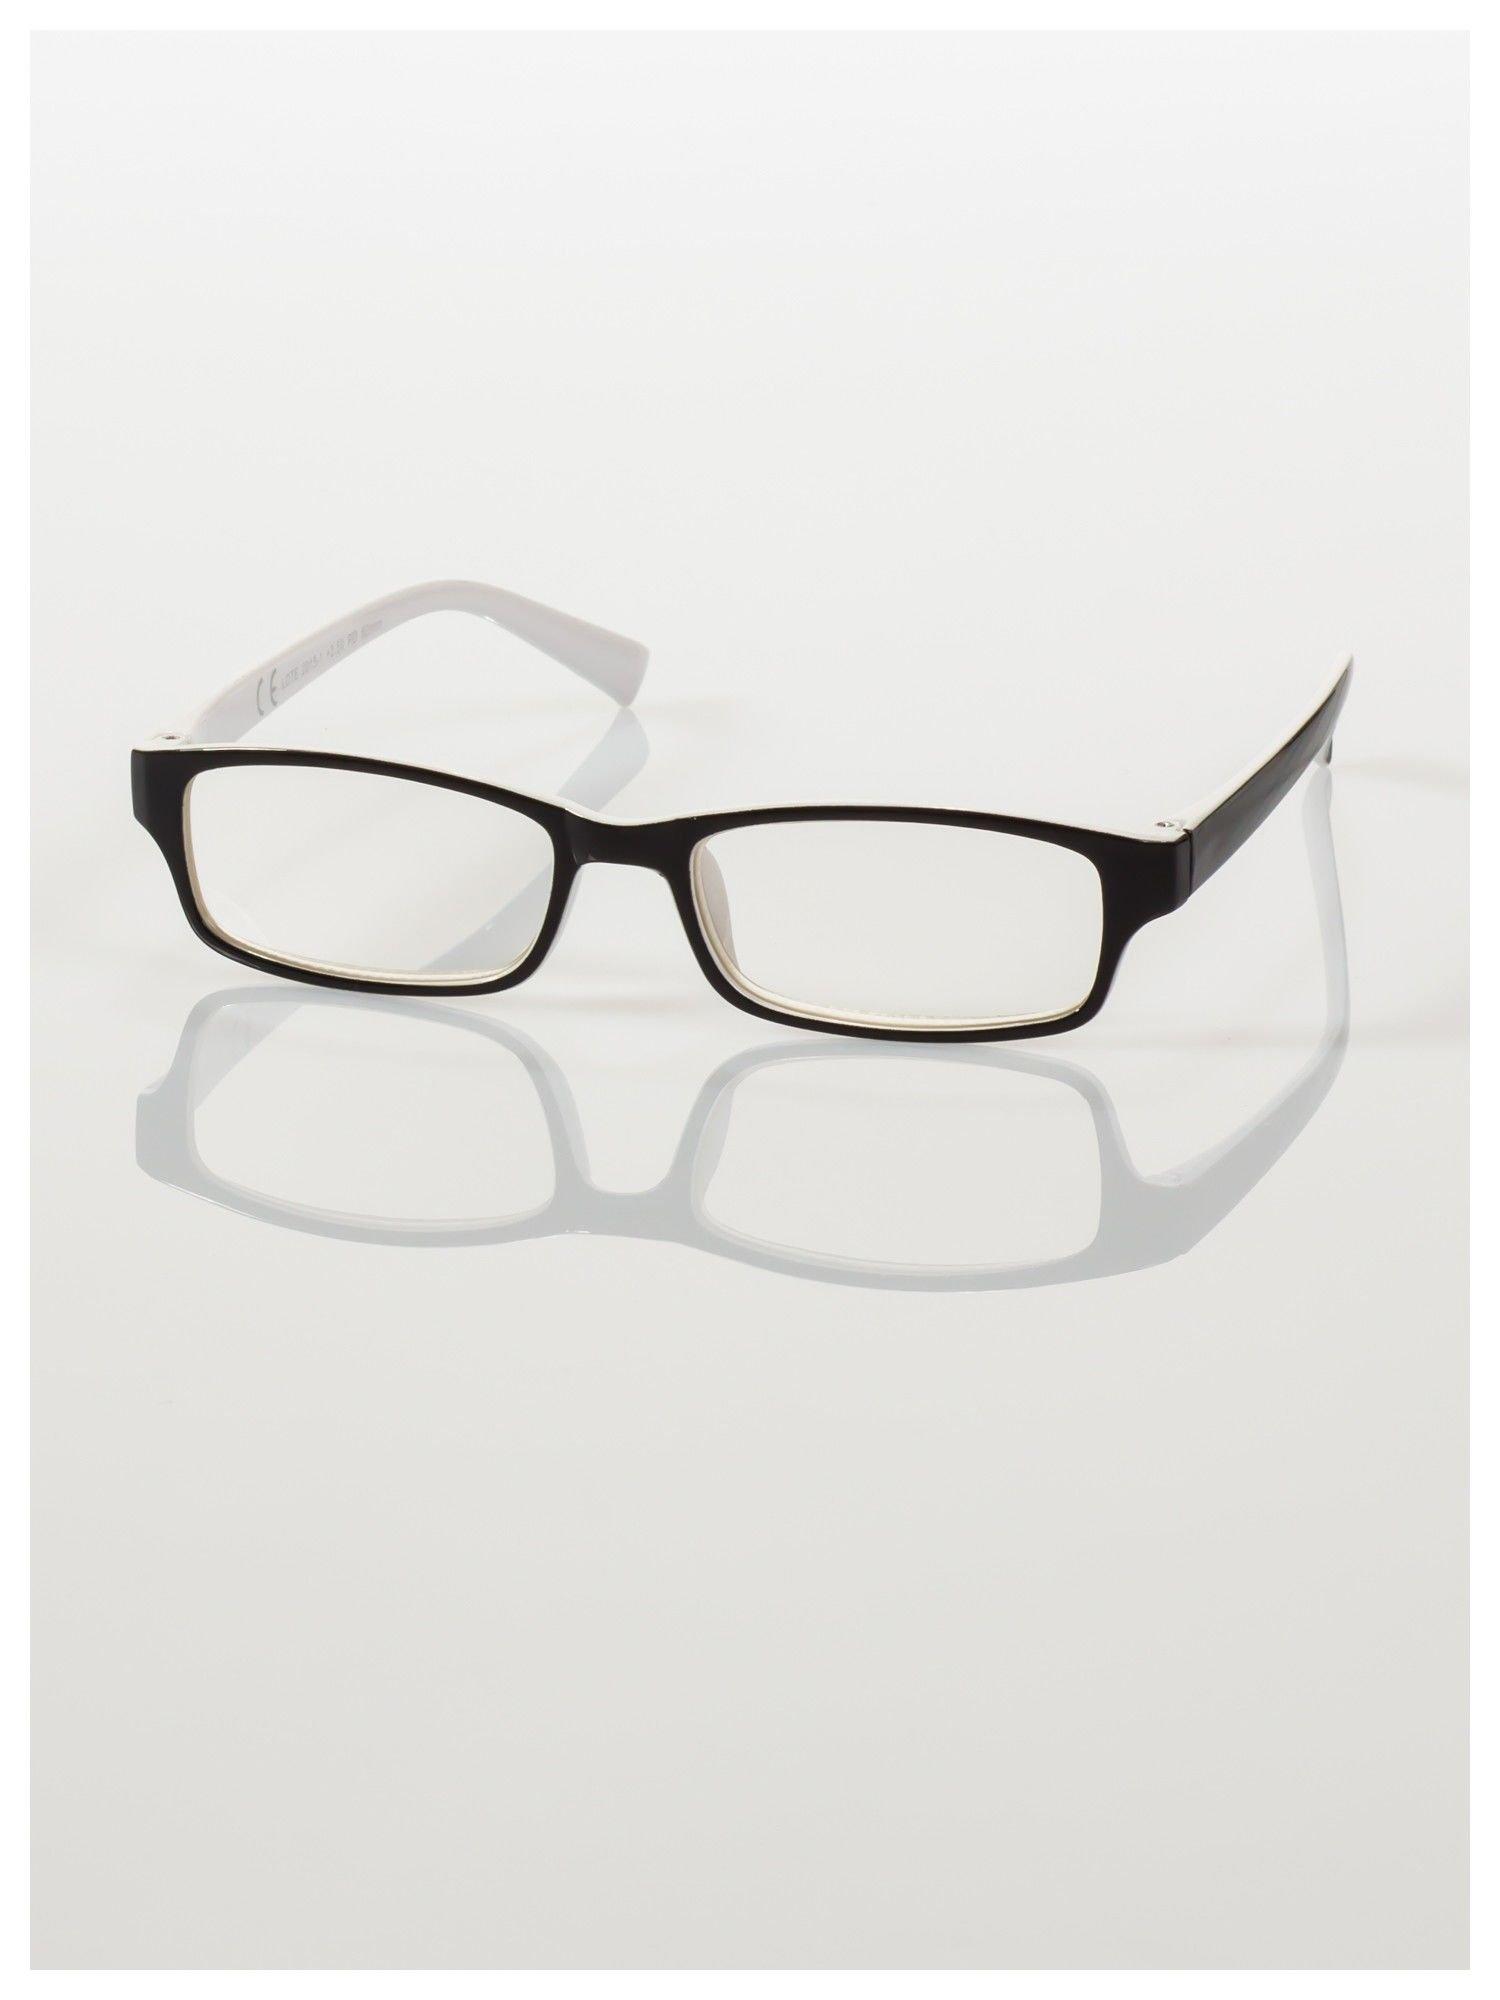 Okulary korekcyjne dwukolorowe do czytania +1.0 D                                    zdj.                                  2